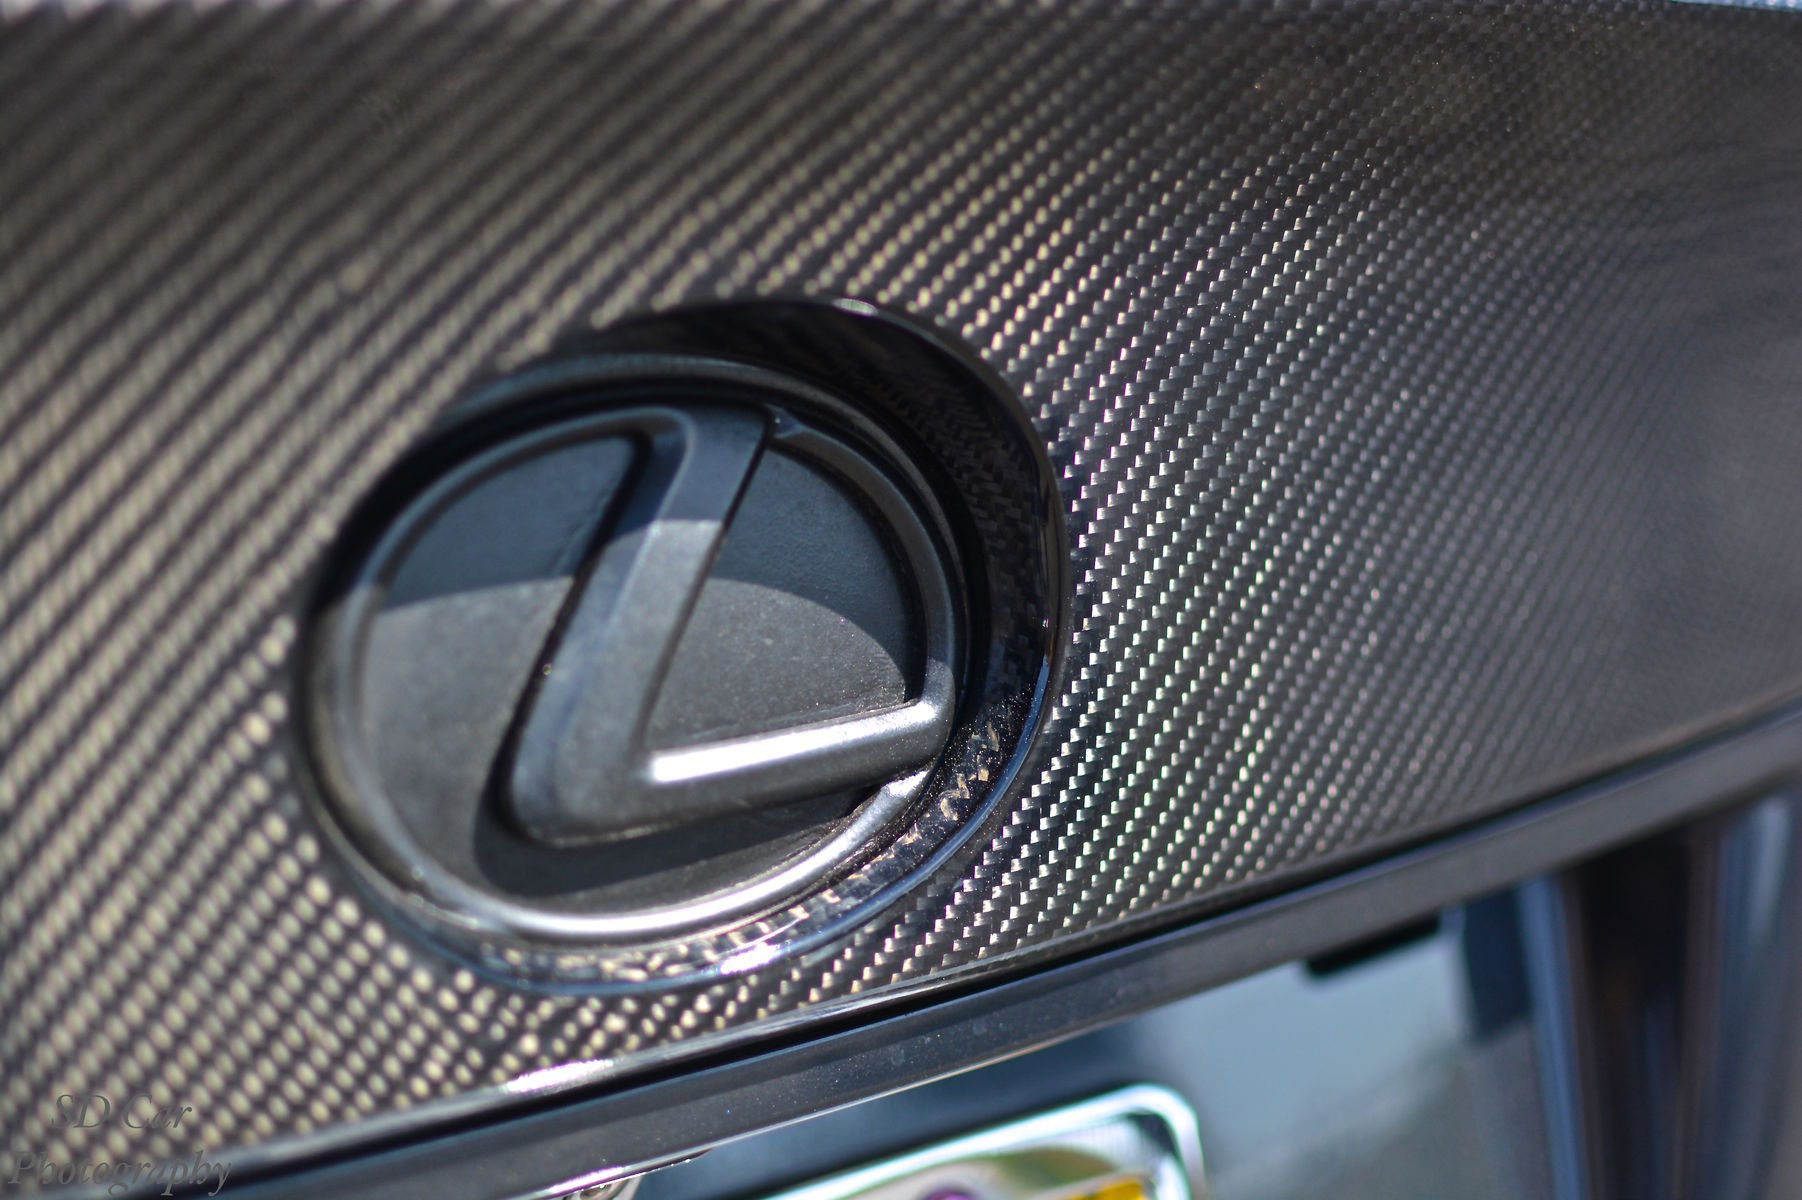 2006 Lexus IS 350 | JDM Beauties